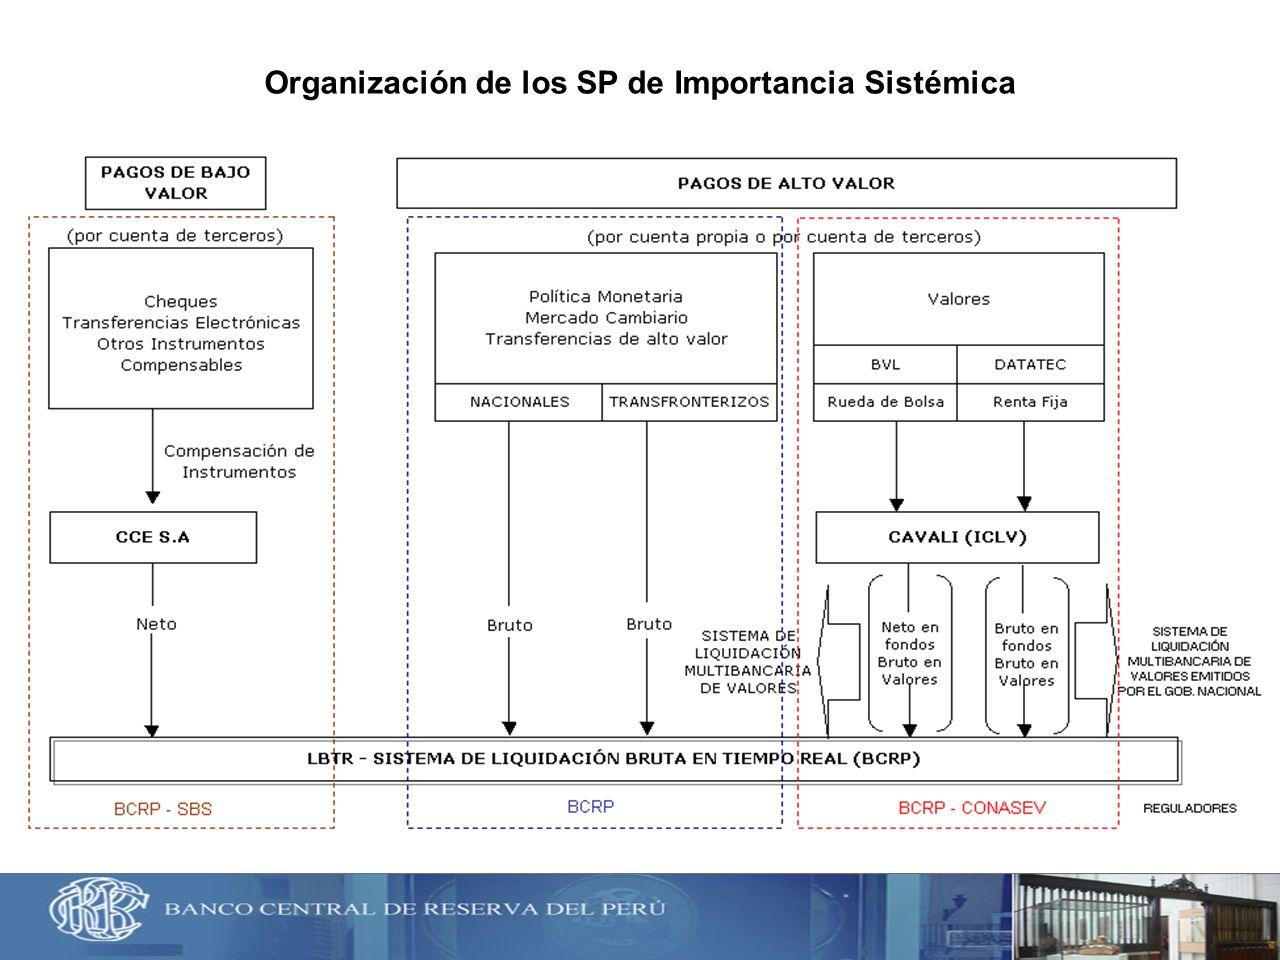 Organización de los SP de Importancia Sistémica